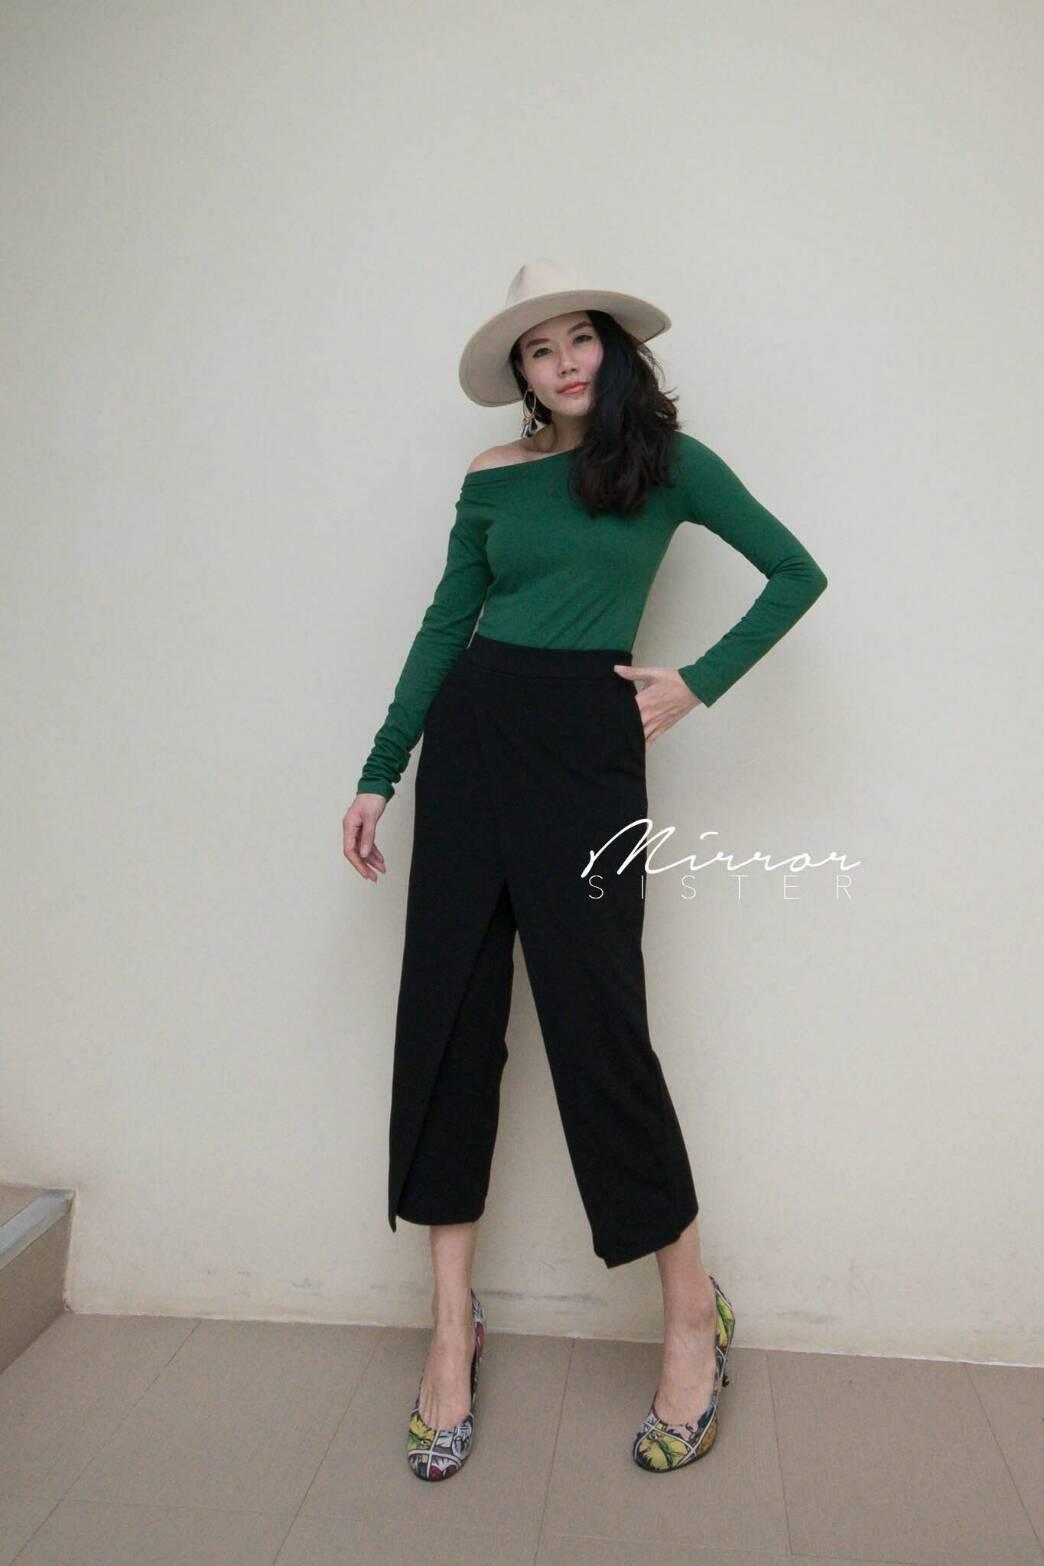 กางเกงZaraดีไซน์เก๋ เอวต่ำเหมือนใส่กระโปรงทรงไขว้ทับกางเกง ได้ลุคworking womanสไตล์เกาหลีเลยค่ะ ผ้าเนื้อดี๊ดี..ใส่สบายค่ะ